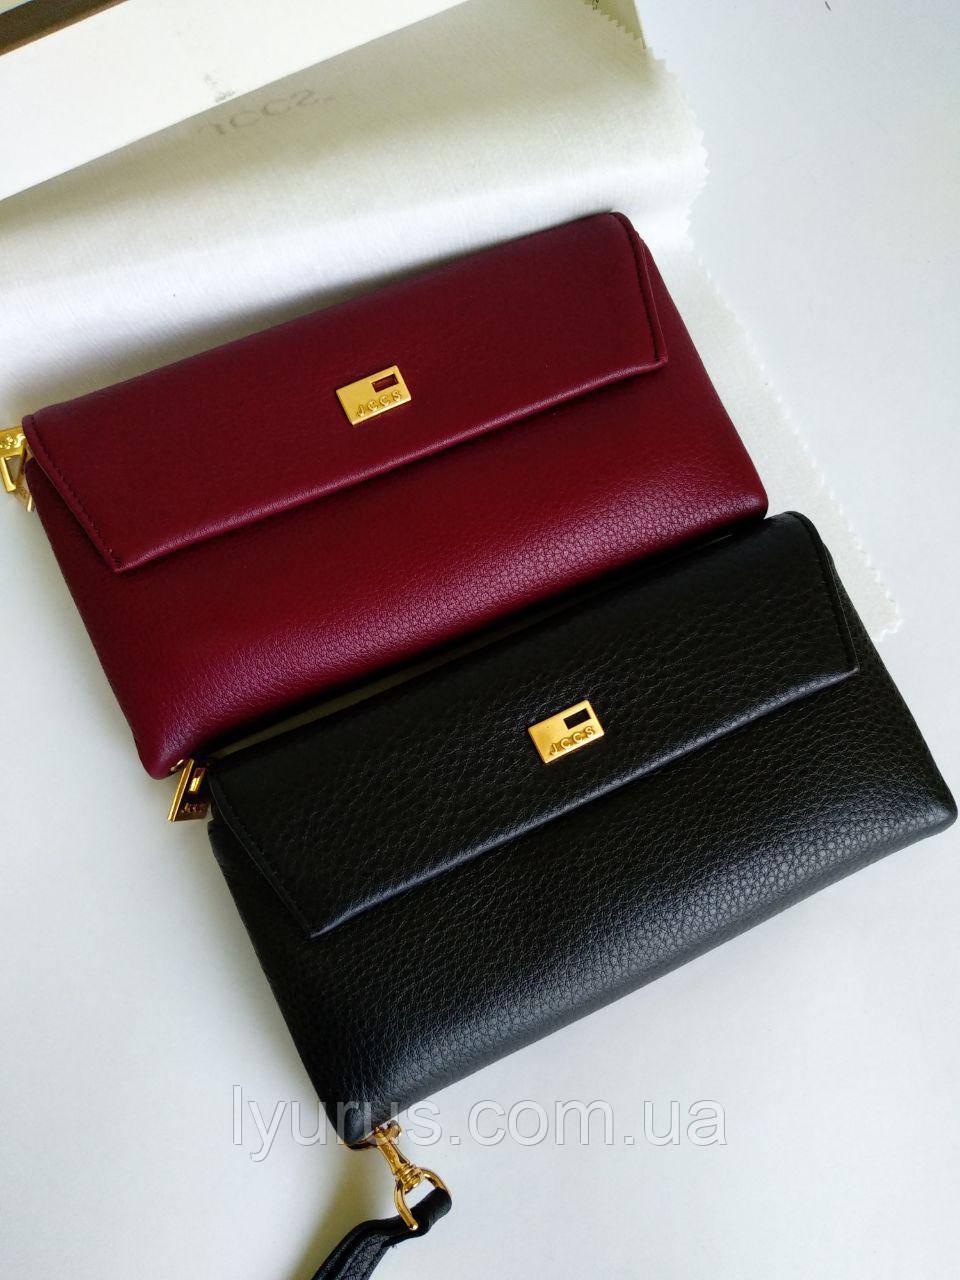 Кожаный кошелёк GCCS в красном и черном цвете